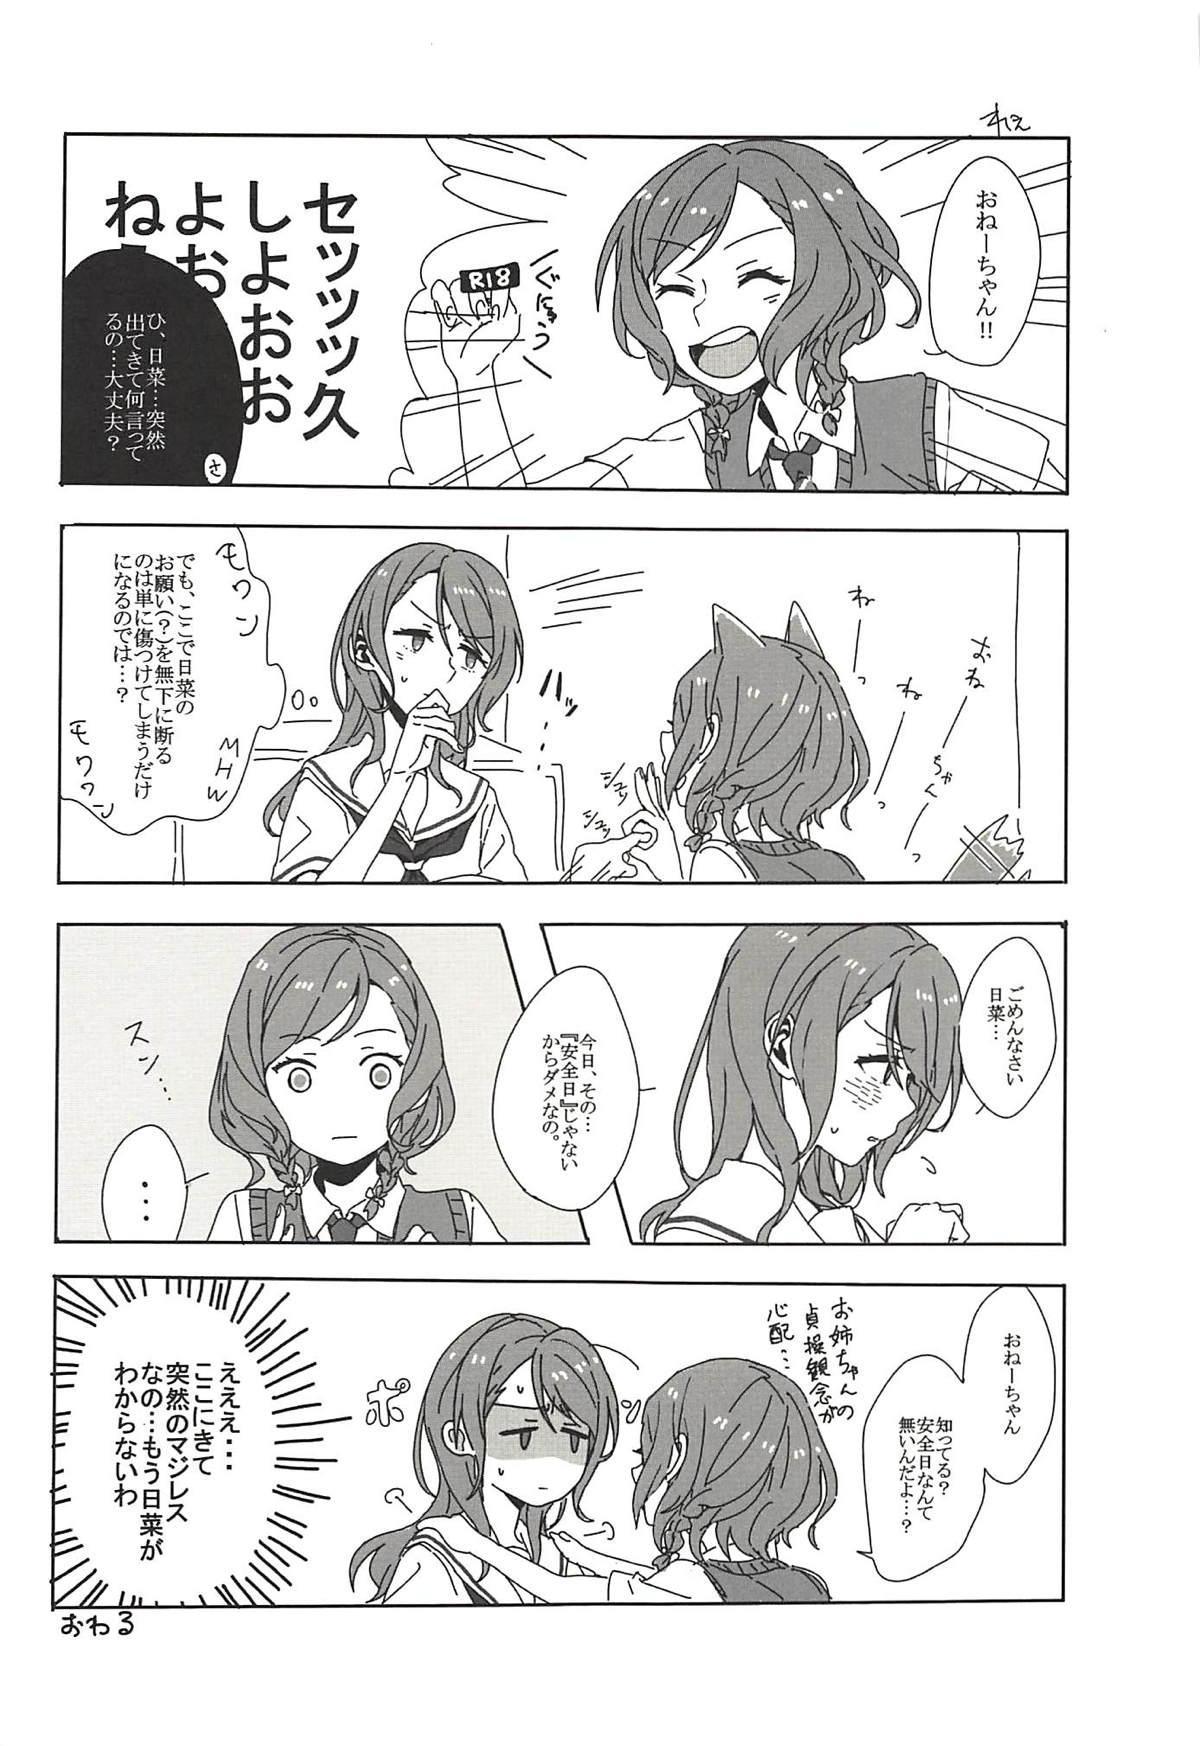 Kimi no Koi wa Watashi no Koi 31